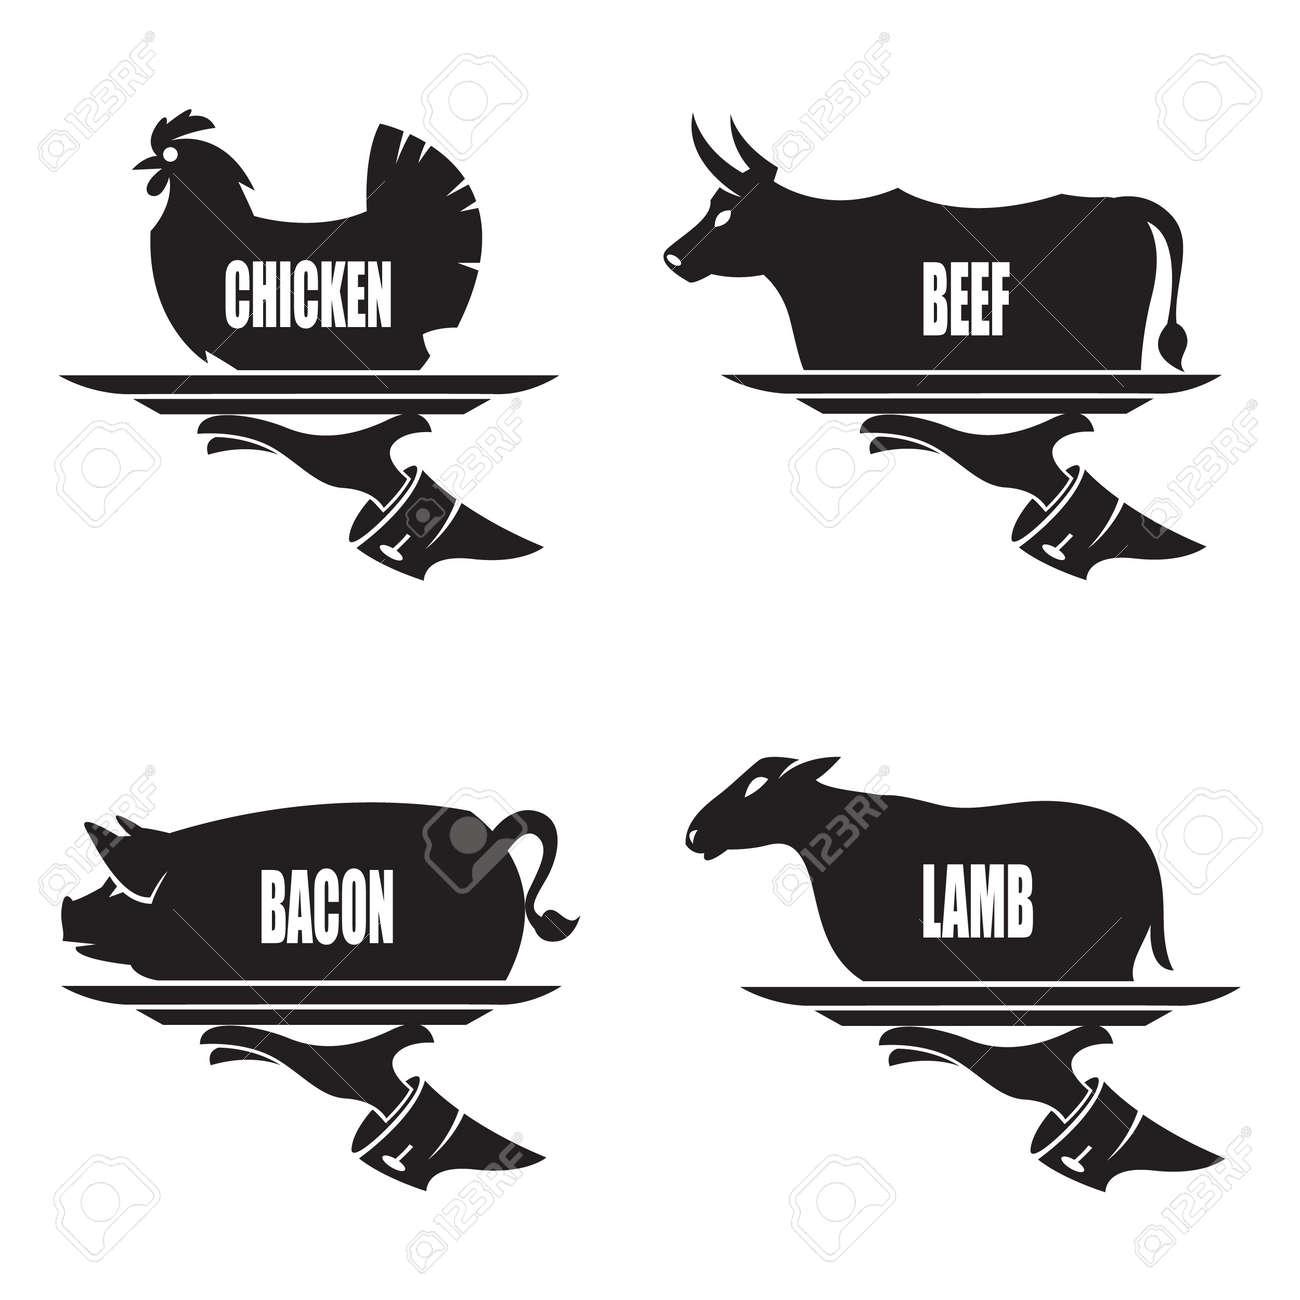 農場の動物での手でトレイの白黒イラスト ロイヤリティフリークリップ